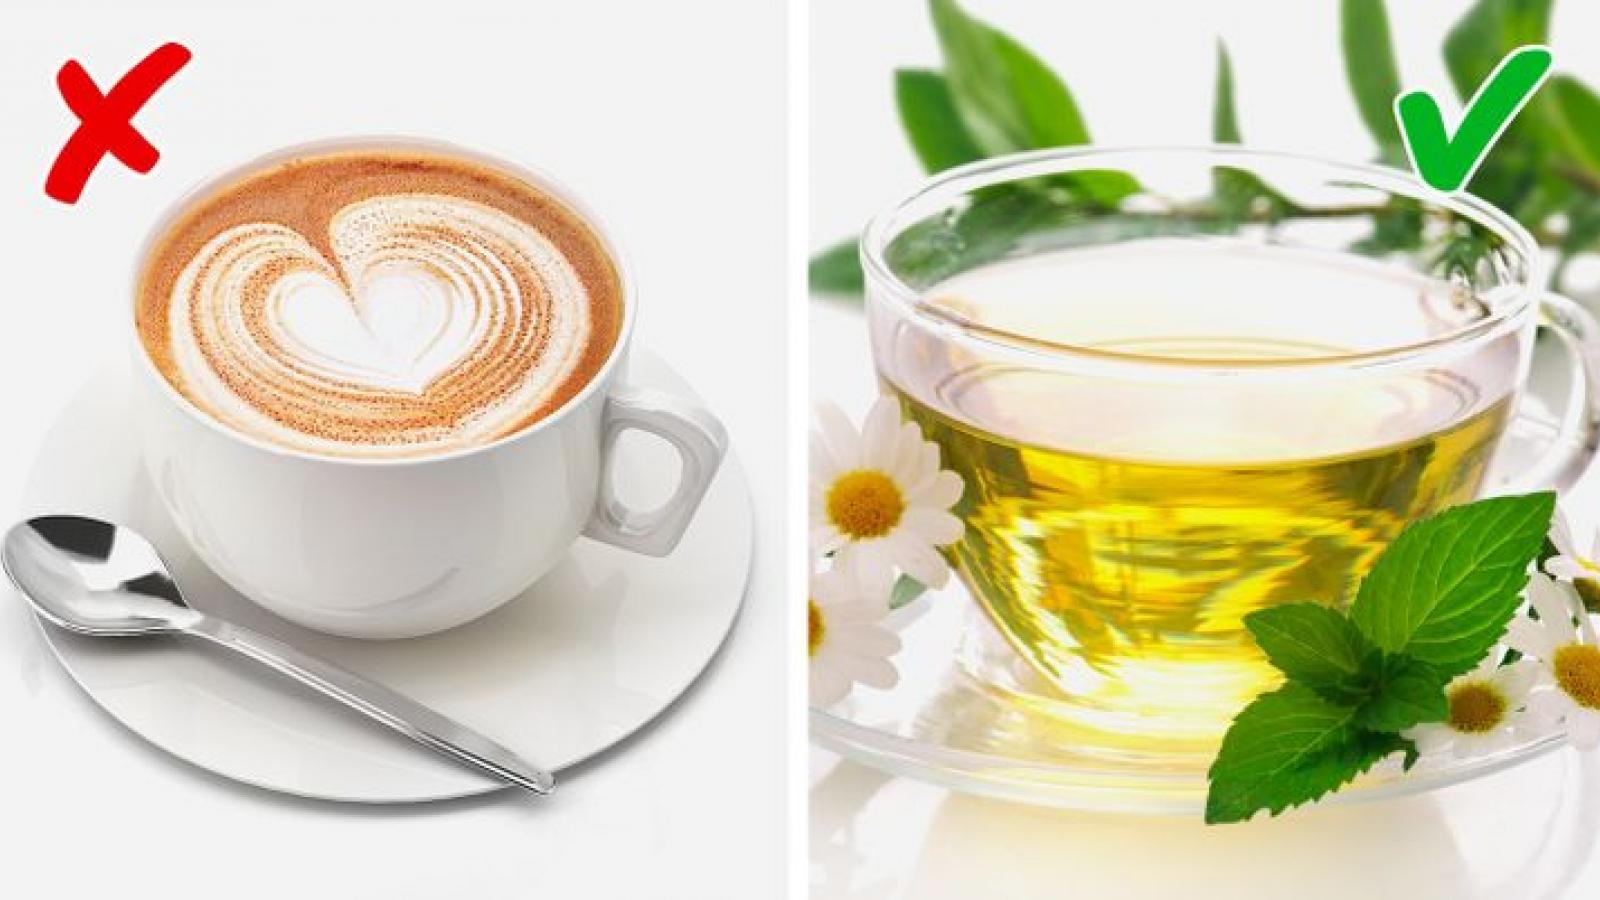 8 loại thực phẩm giúp cơ thể toả hương hấp dẫn